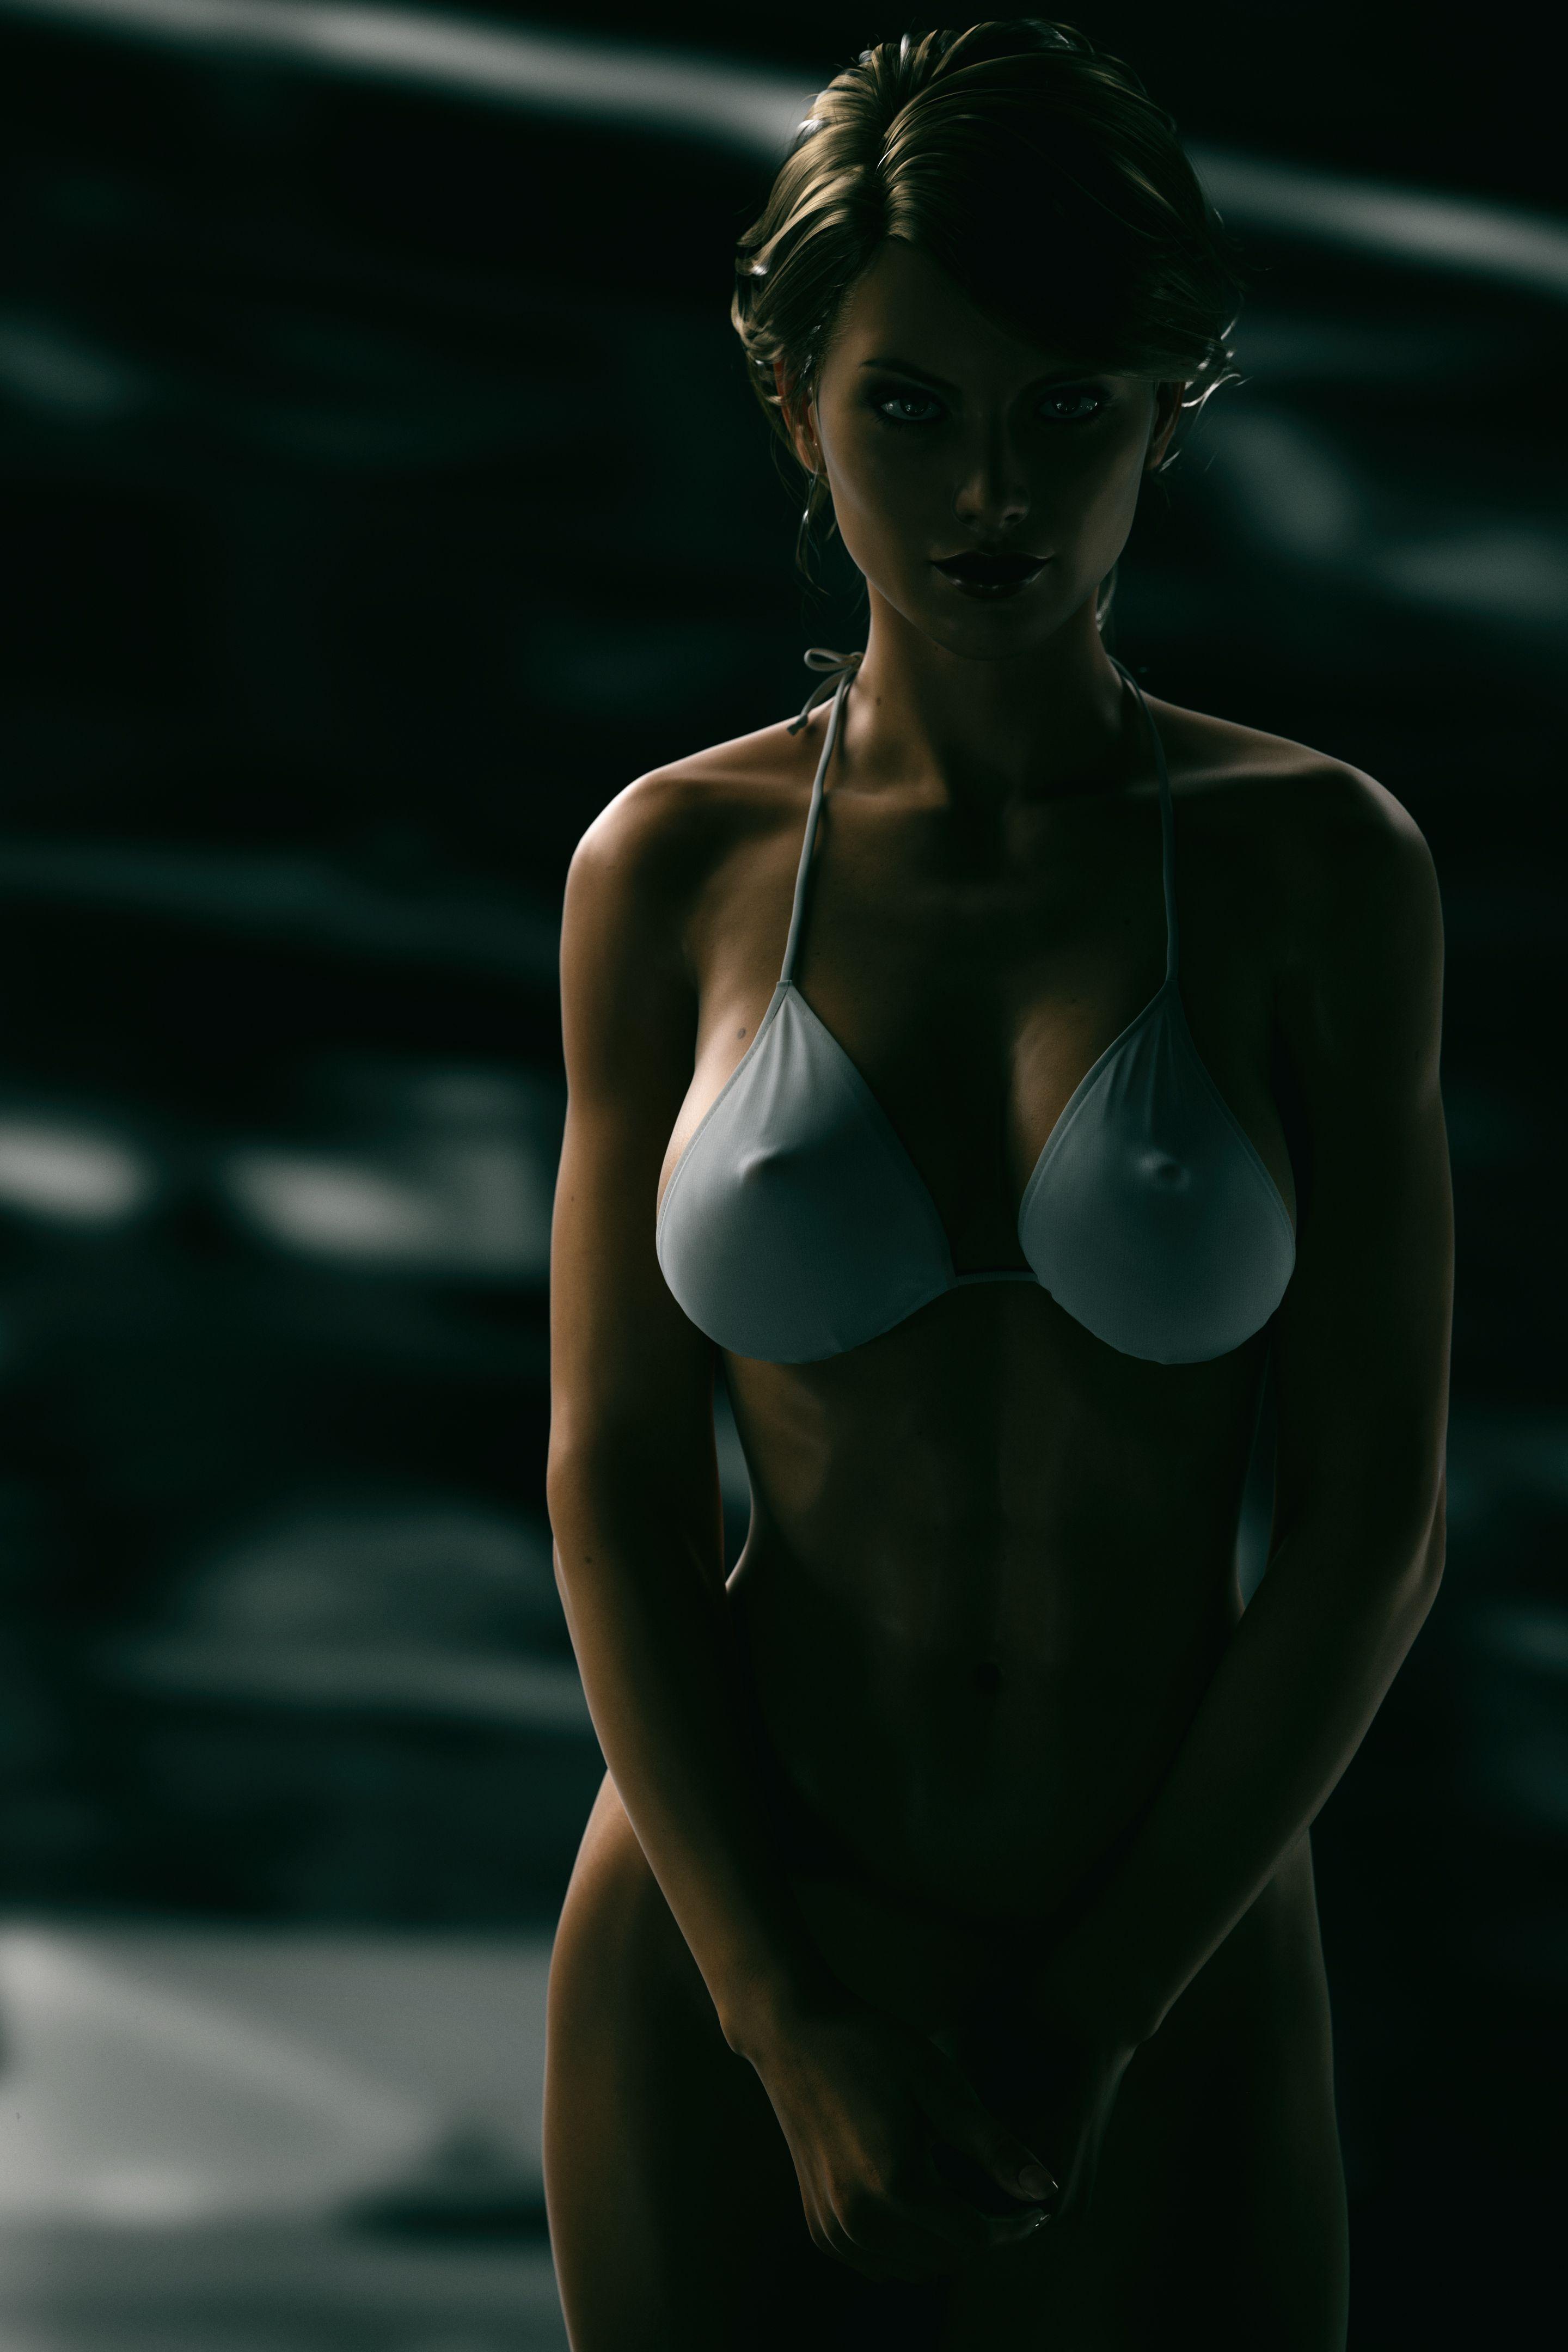 Quix Unar - Blondie 2 by erikg1337.deviantart.com on @DeviantArt